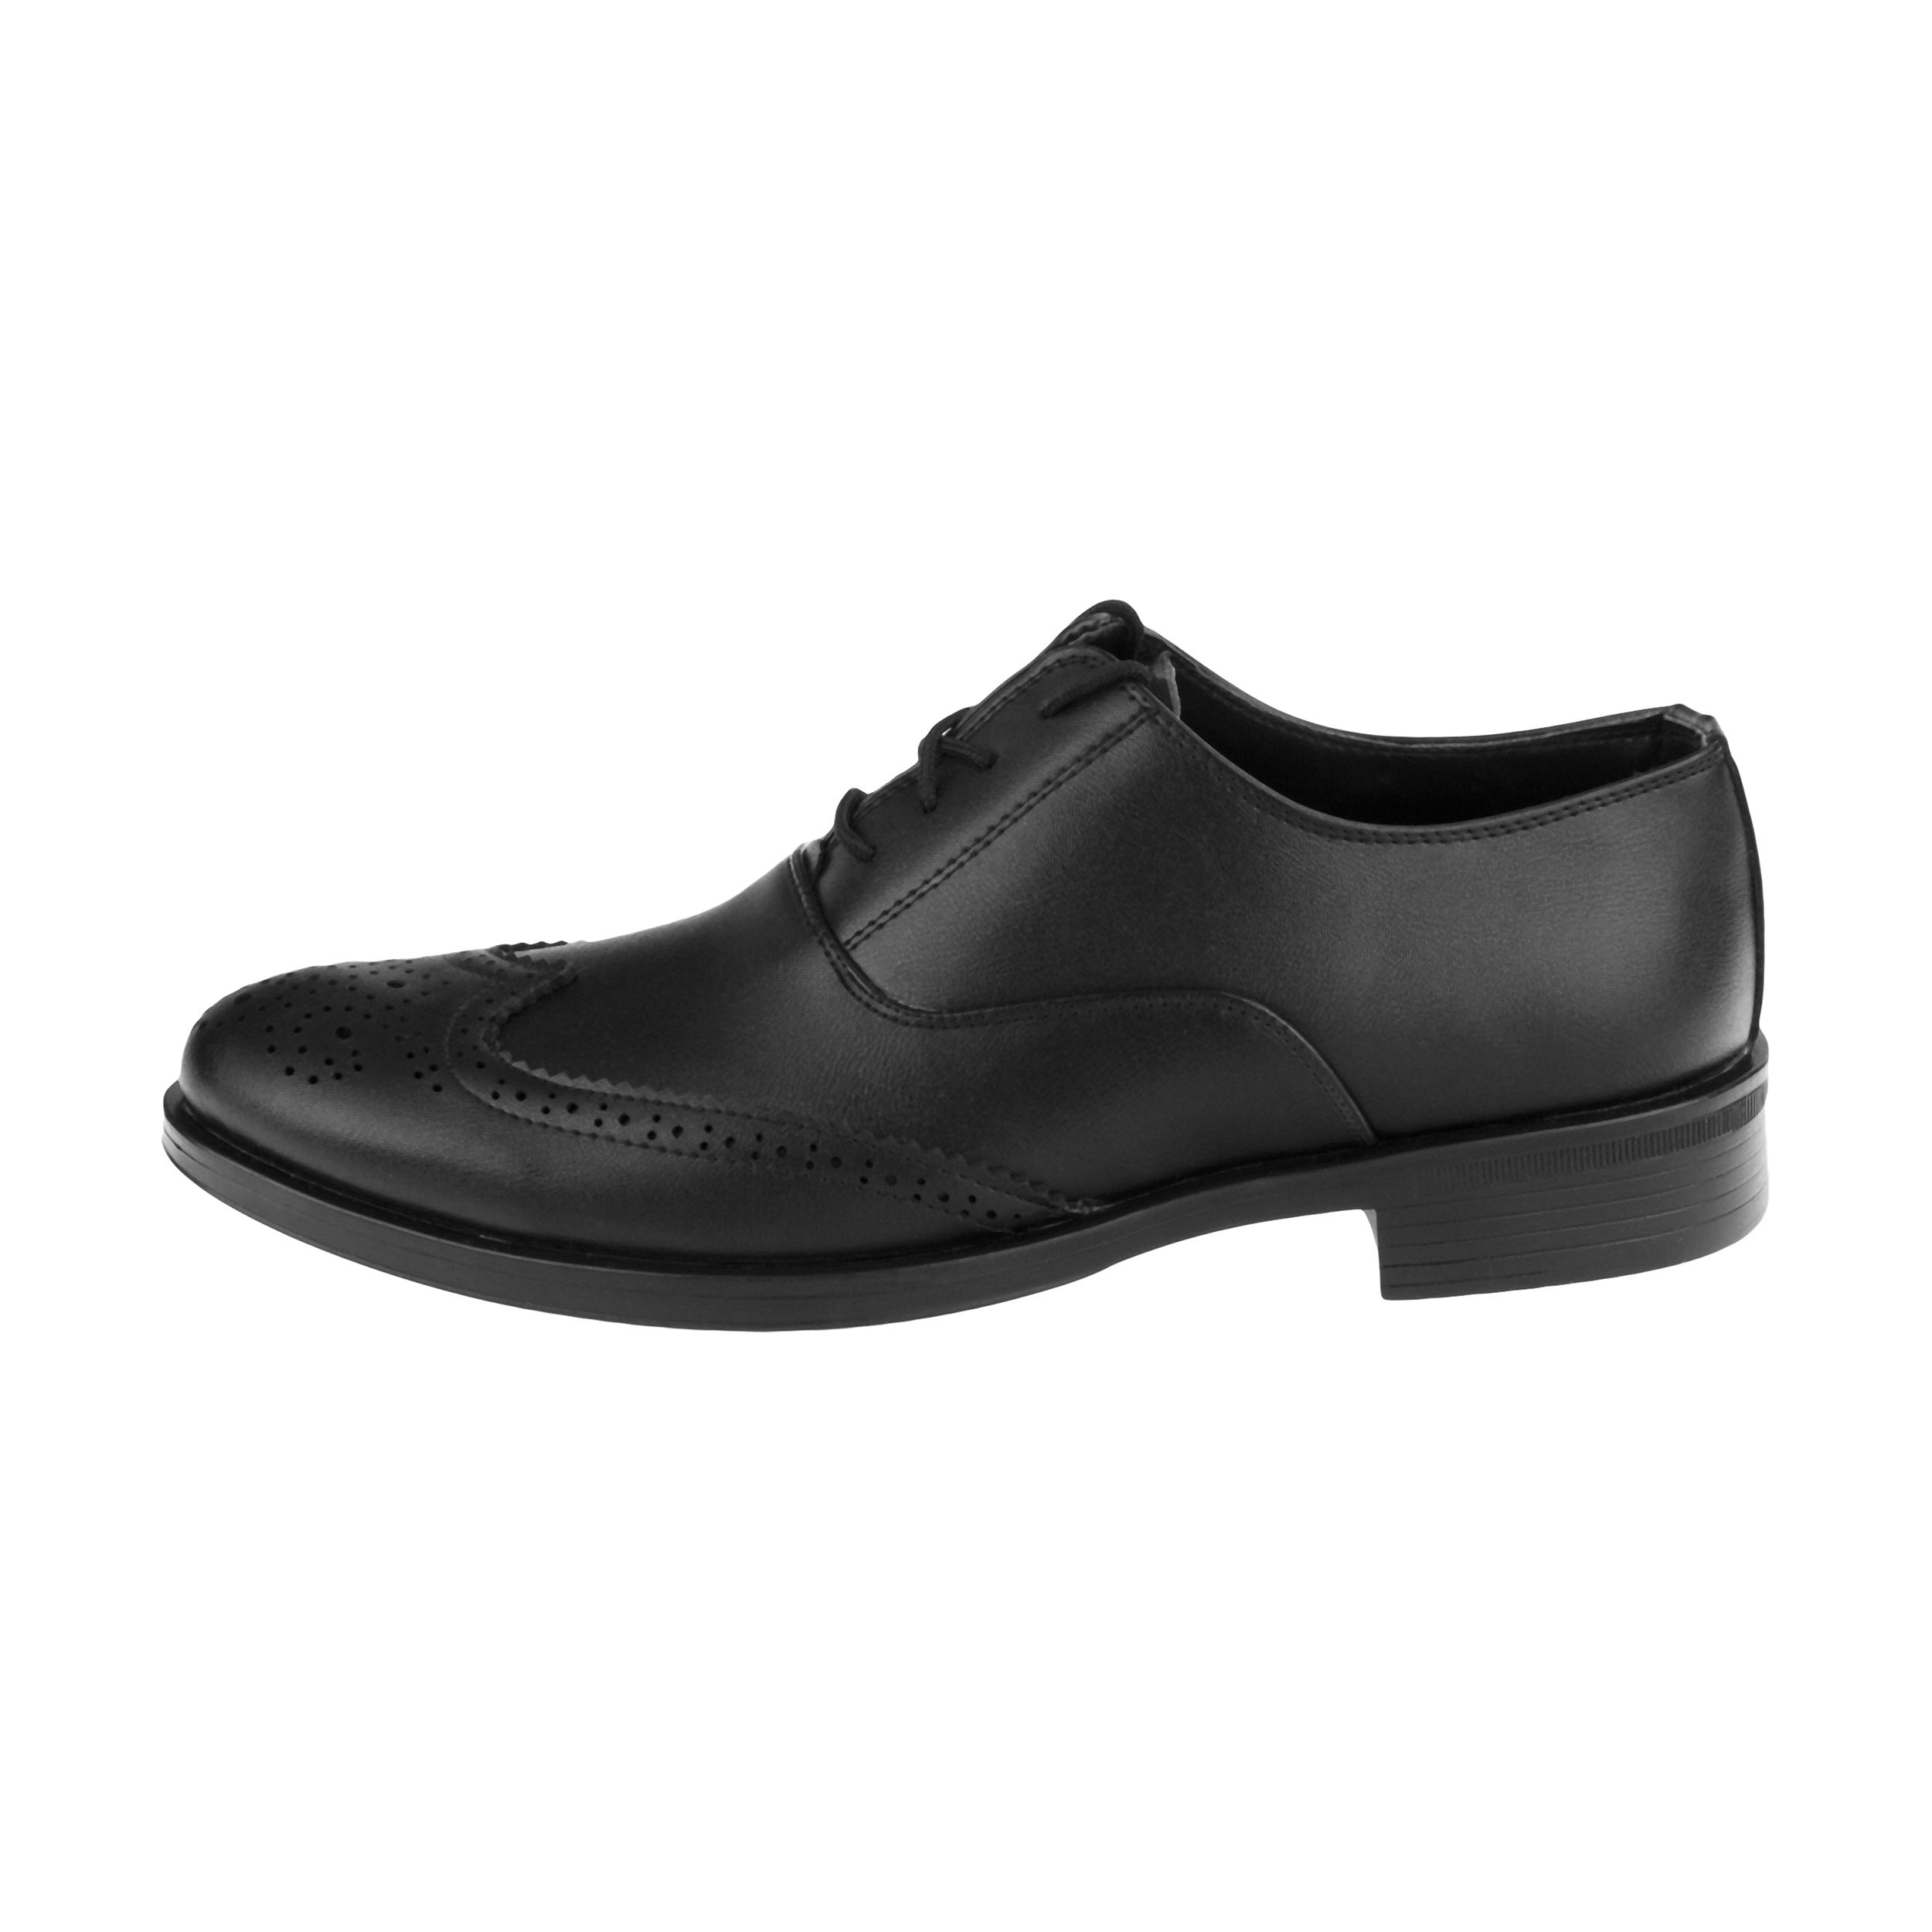 کفش مردانه اسپرت من مدل 39730-1